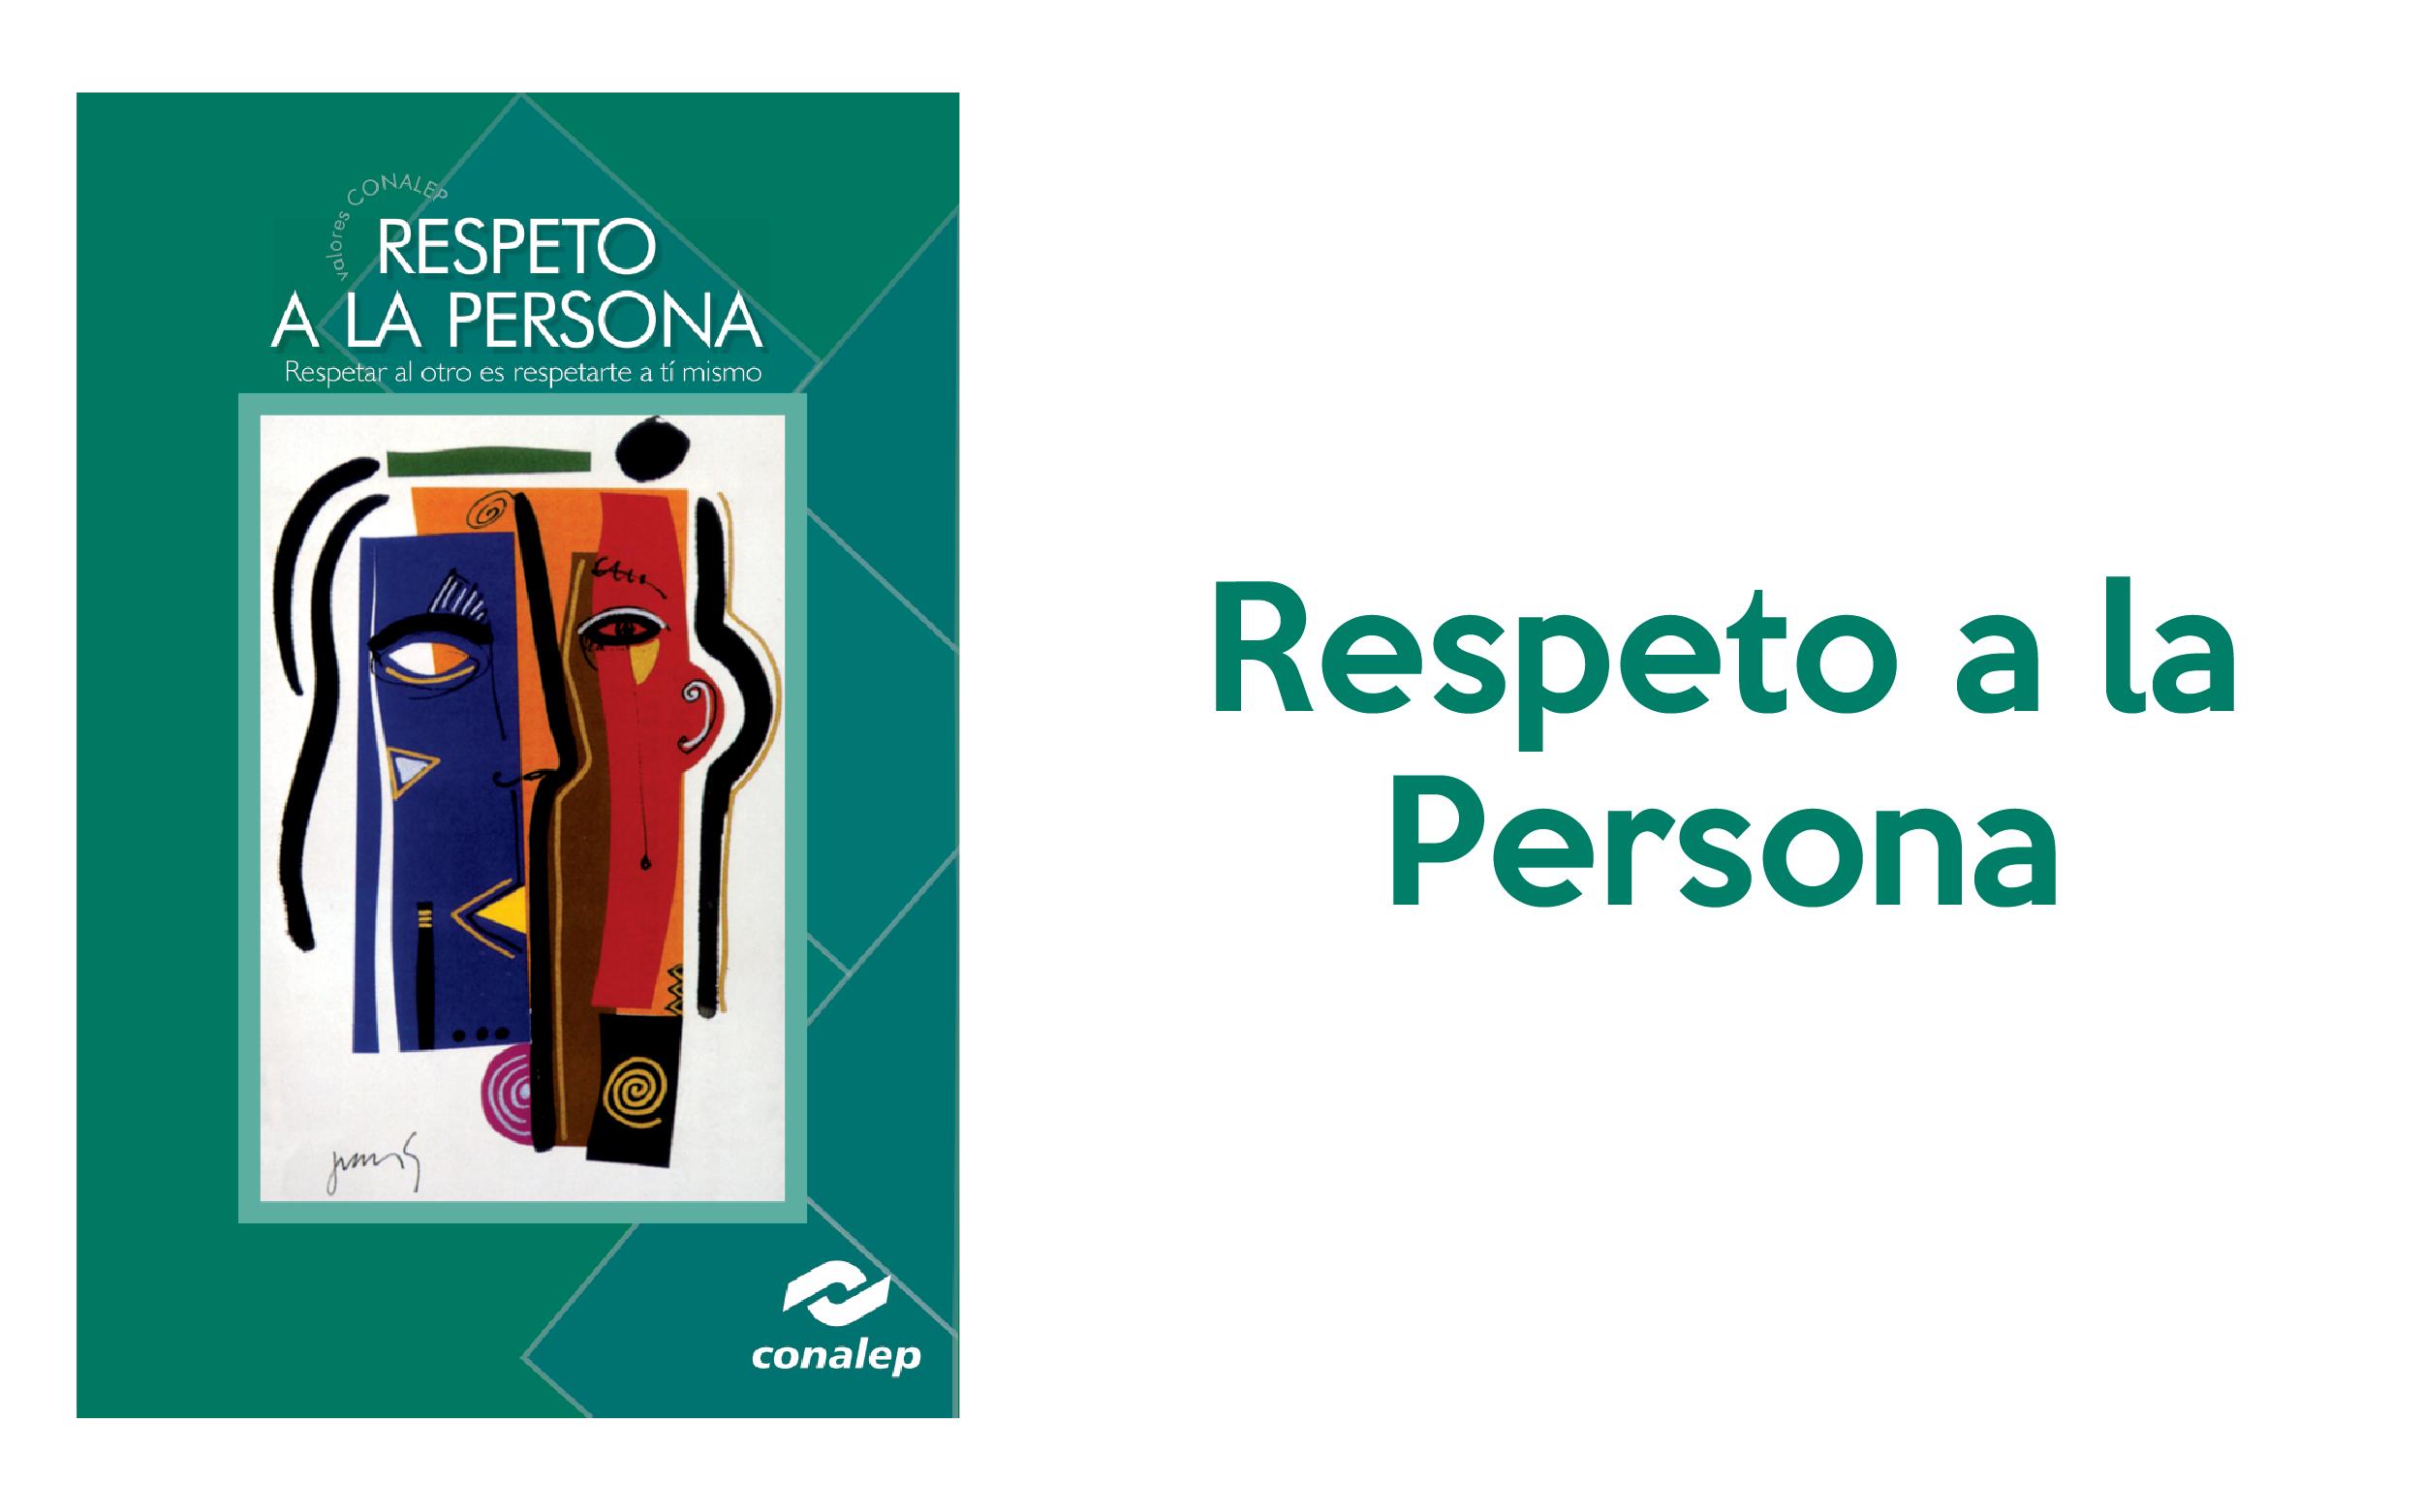 /cms/uploads/image/file/344787/Respeto_a_la_persona.png